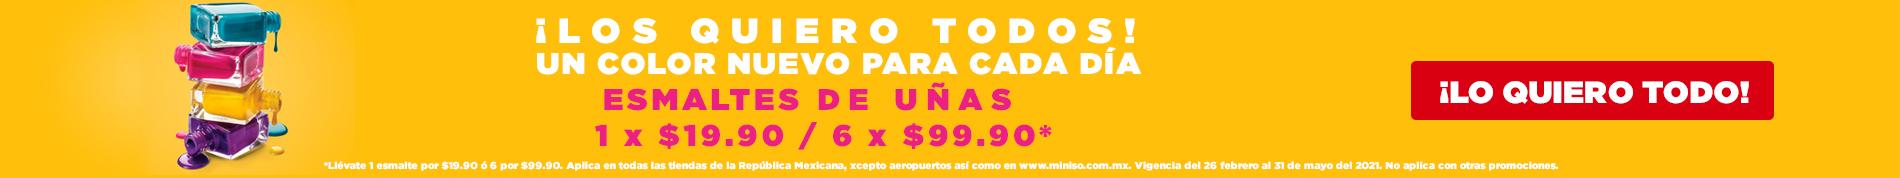 Esmaltes de Uñas: 1 x $19.9 0 / 6 X $99.90